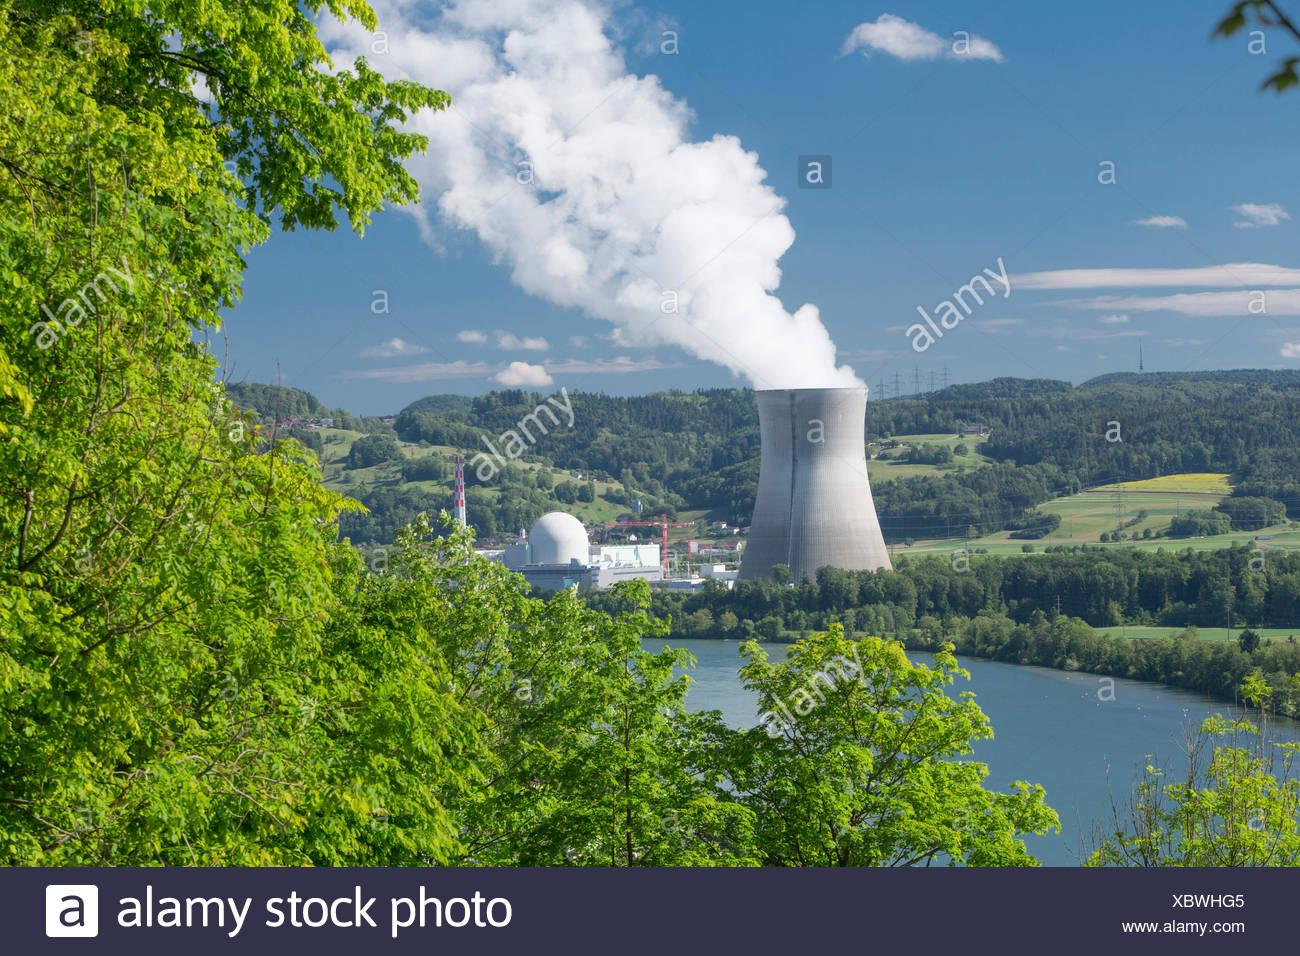 Atomkraftwerk, Kernkraftwerk, KKW, Leibstadt, Energie, Kanton, AG, Aargau, Schweiz, Europa, Stockbild